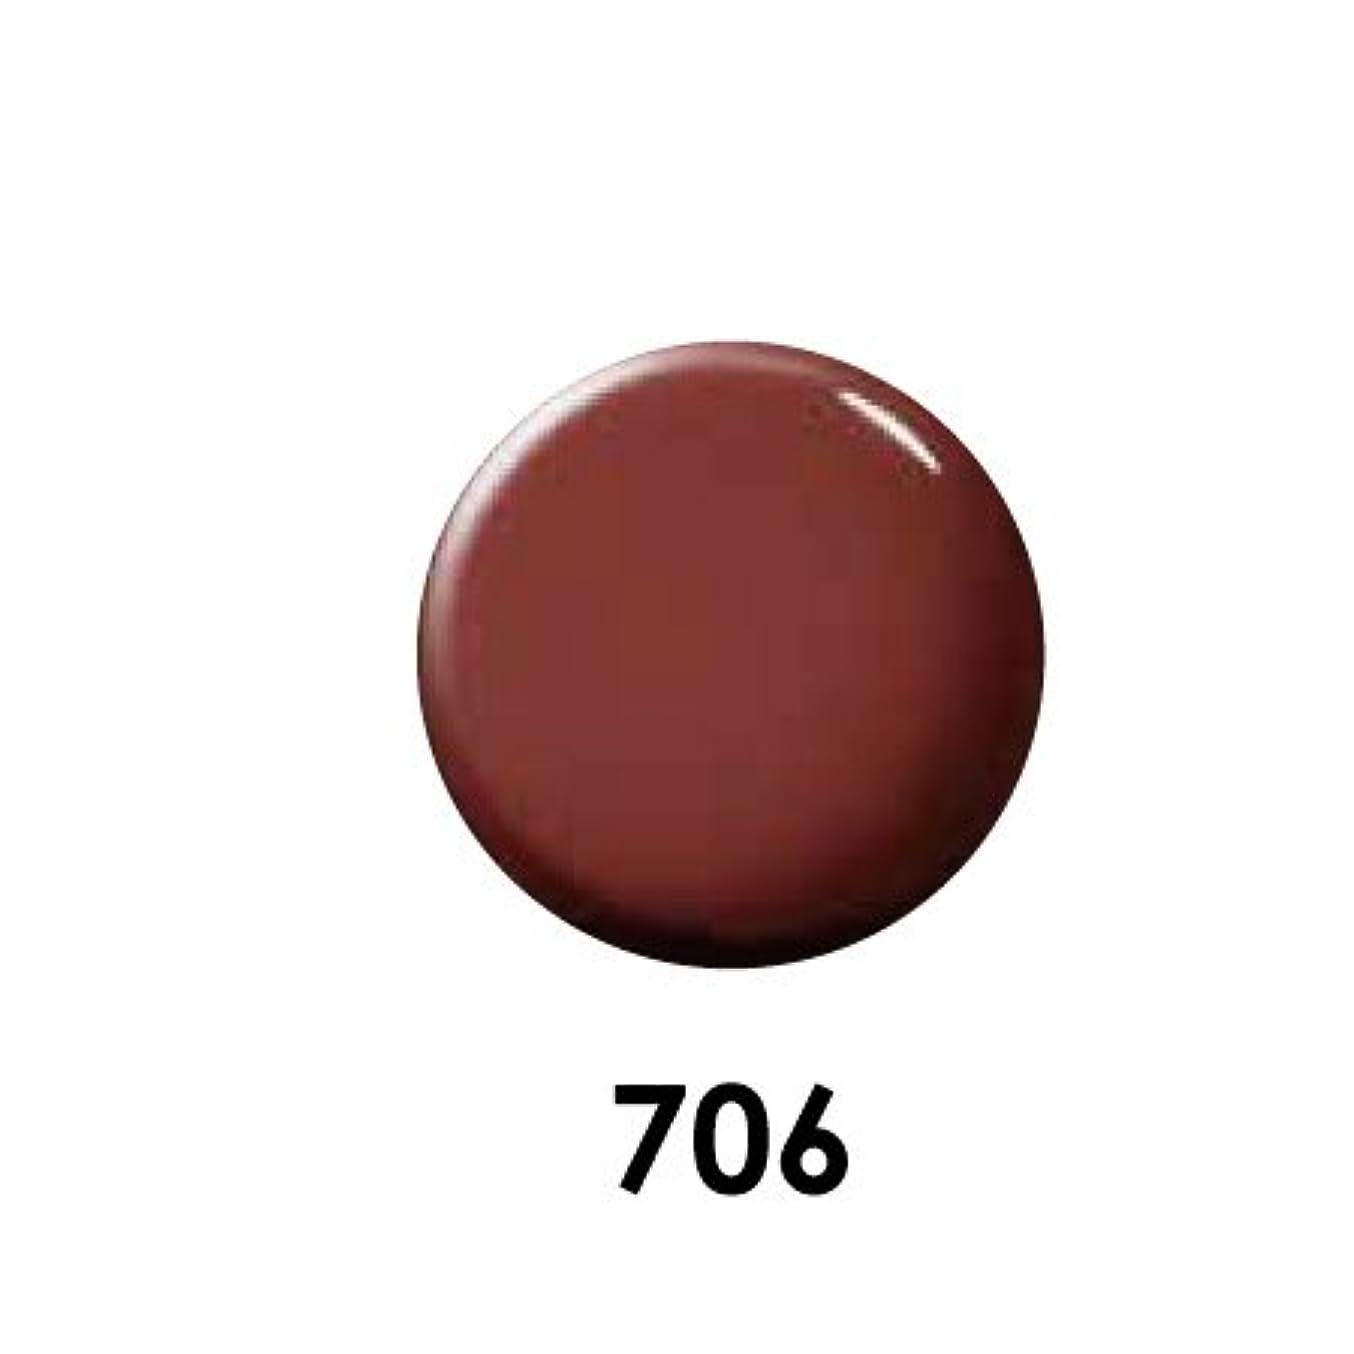 増強慎重規則性Putiel プティール カラージェル 706 サンダルウッド 4g (NAGISAプロデュース)